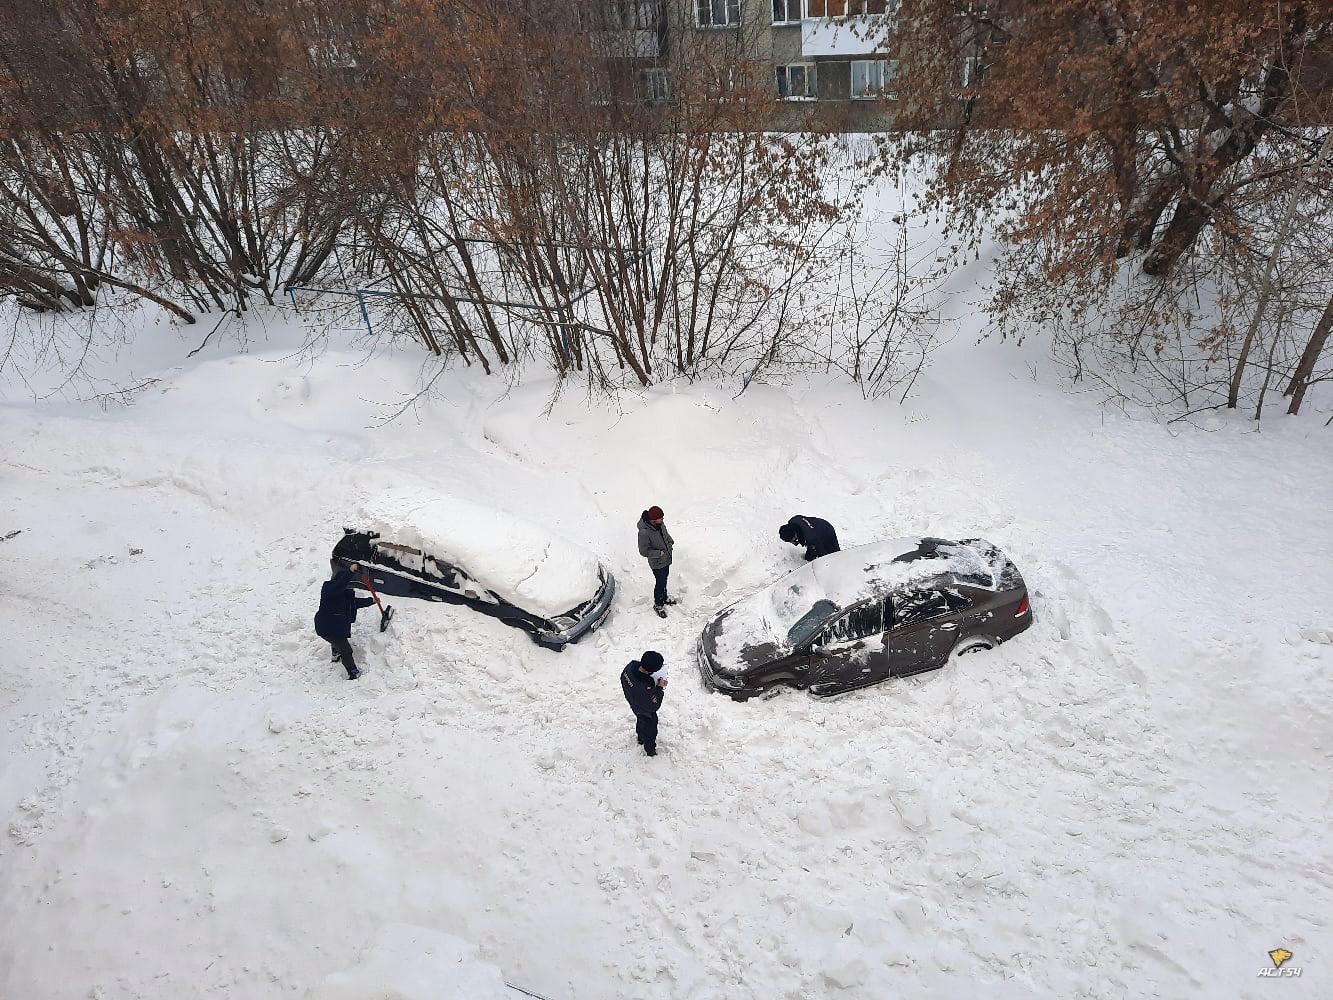 фото Упавшая с крыши дома лавина снега повредила два автомобиля в Новосибирске 2